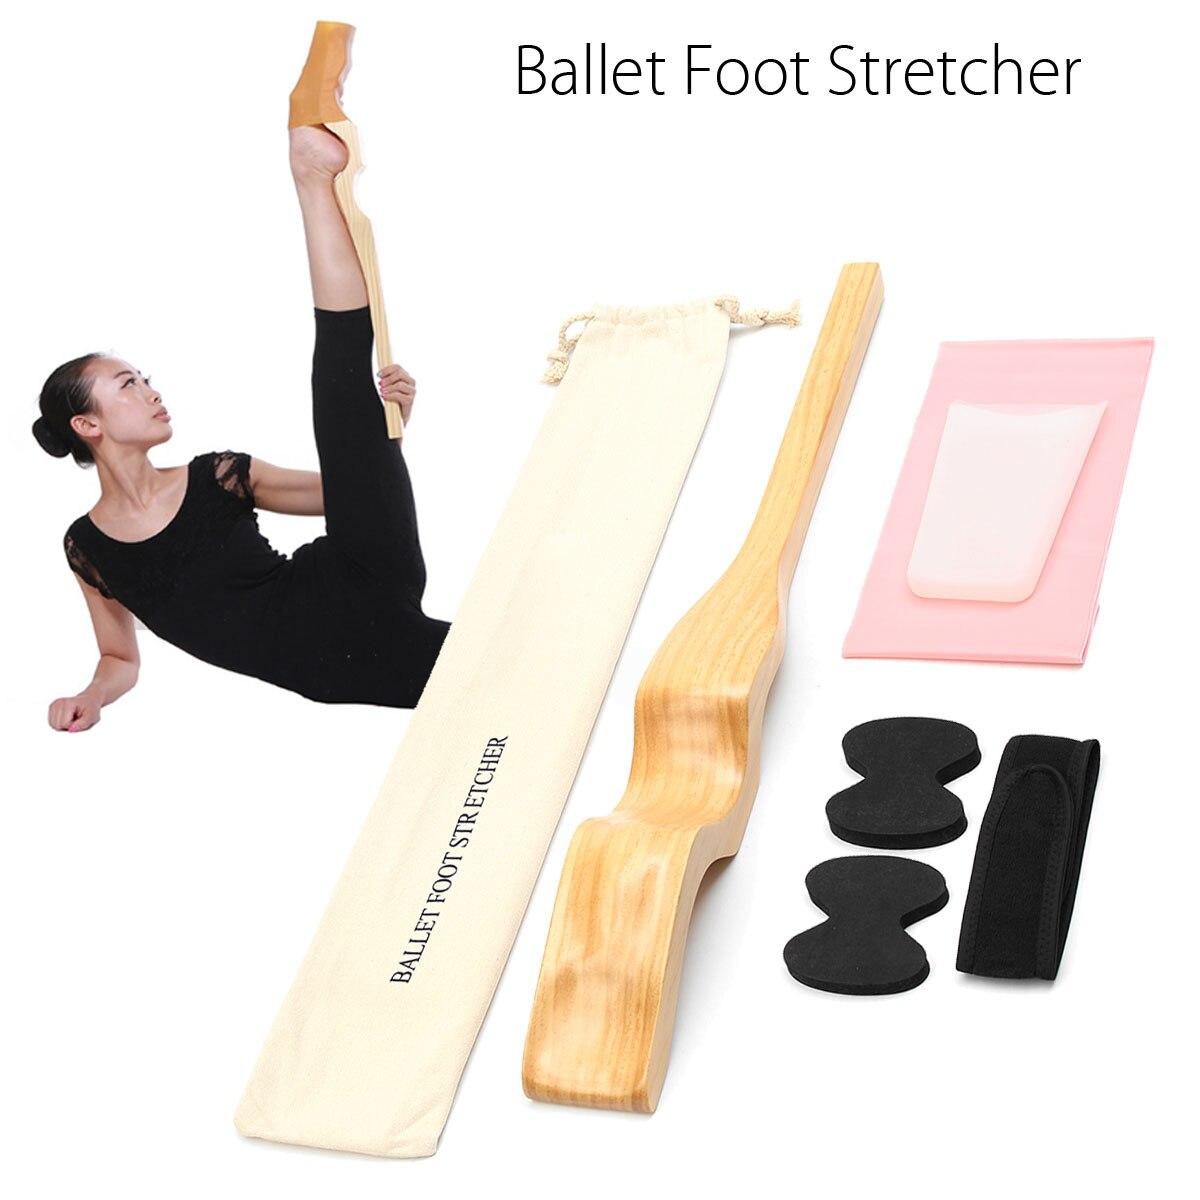 Legno di Balletto Tratto Piede Per Il Ballerino di Massaggio, della Signora delle donne di Balletto di Danza Arco In Legno Enhancer con La Tensione Della Cinghia Elastica Per Lo Yoga